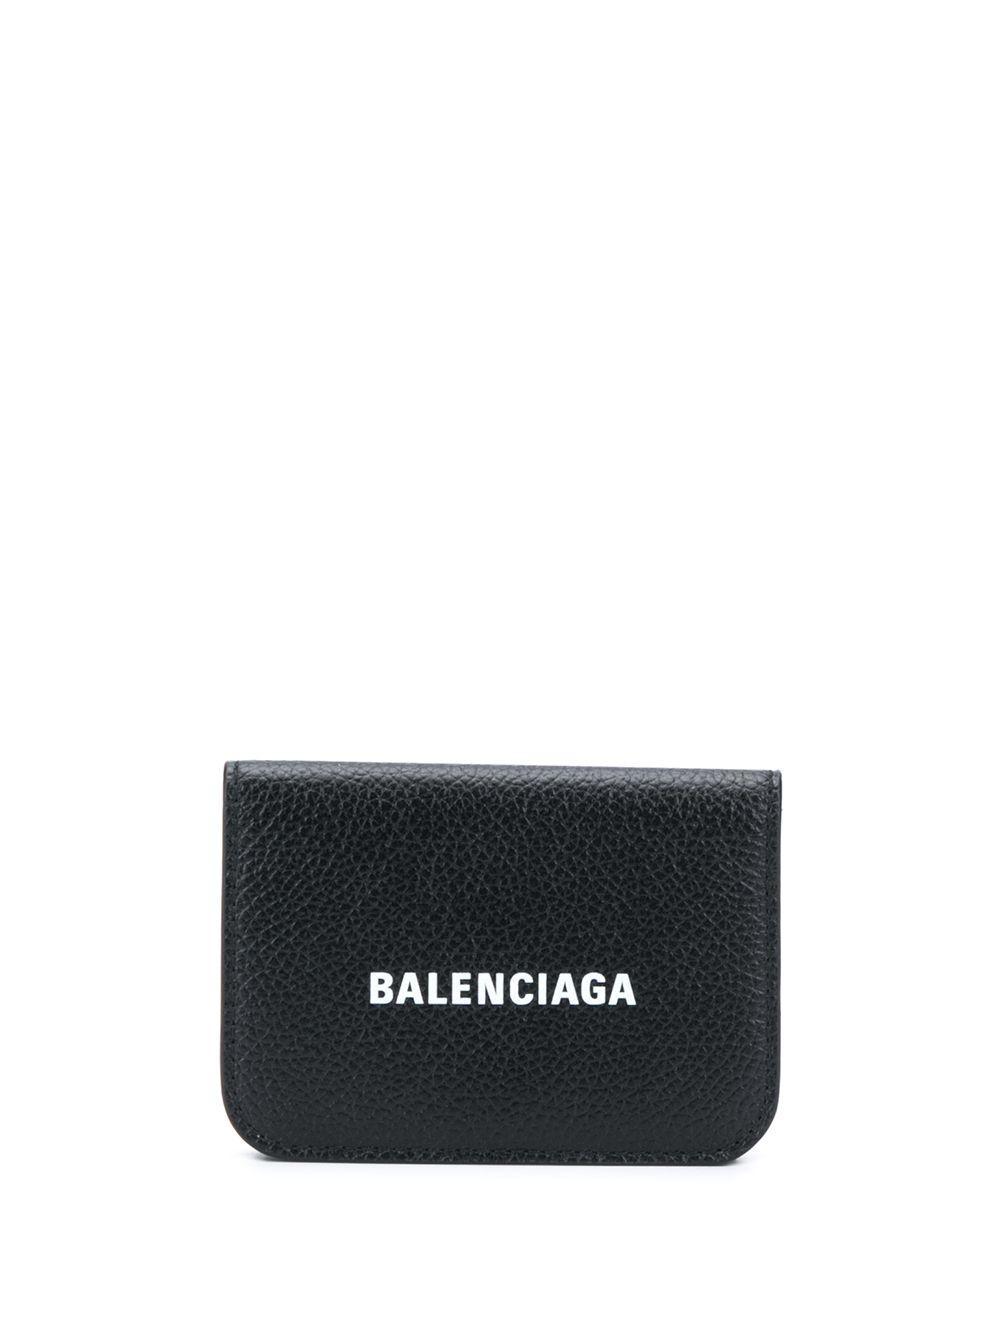 Cash Leather Mini Wallet